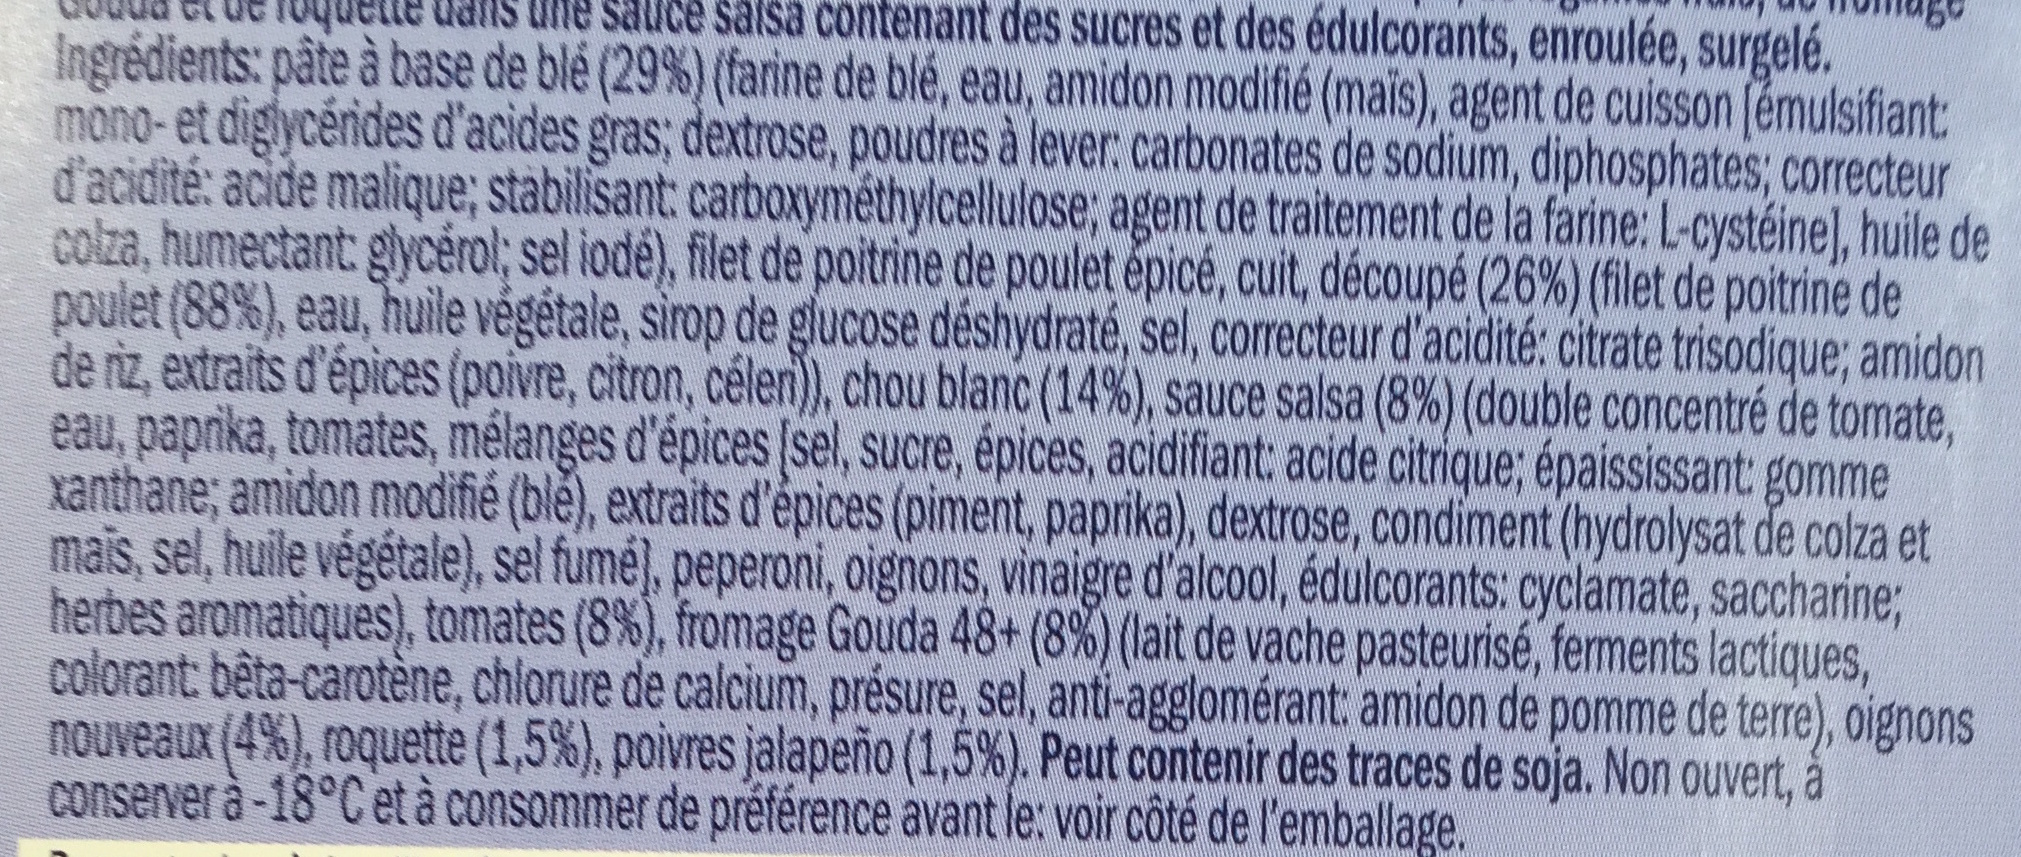 Wrap Chicken Salsa - Ingrédients - fr